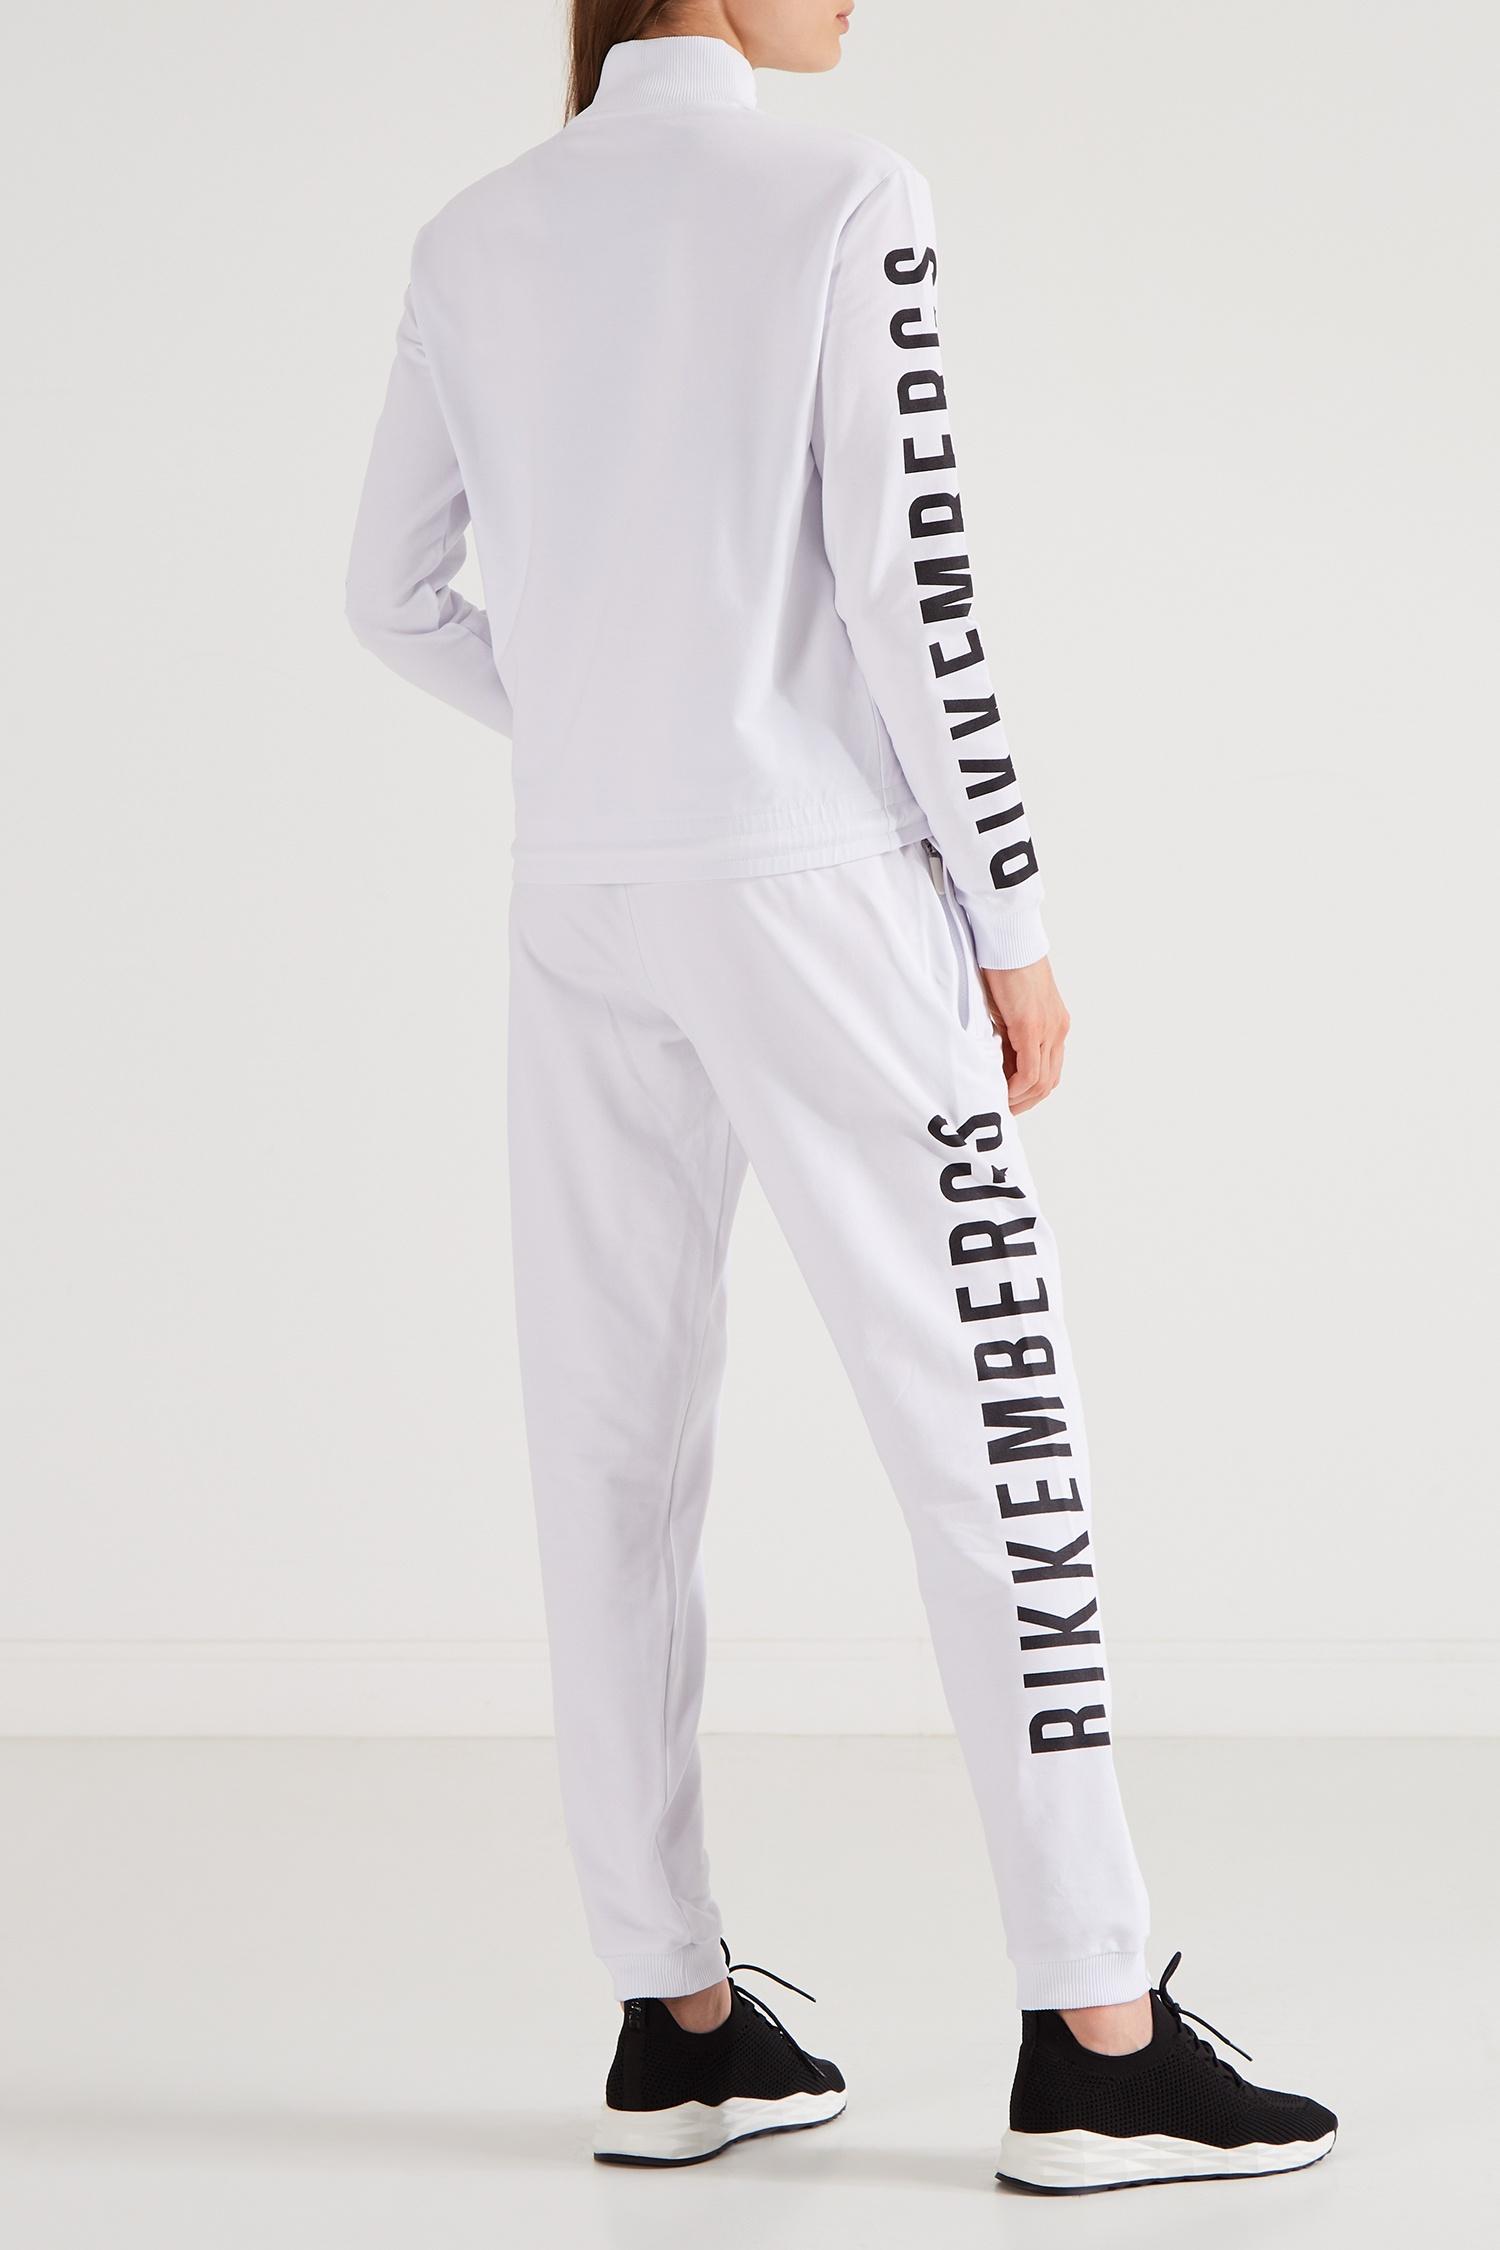 863c50fa Белый спортивный костюм с логотипами Dirk Bikkembergs – купить в ...